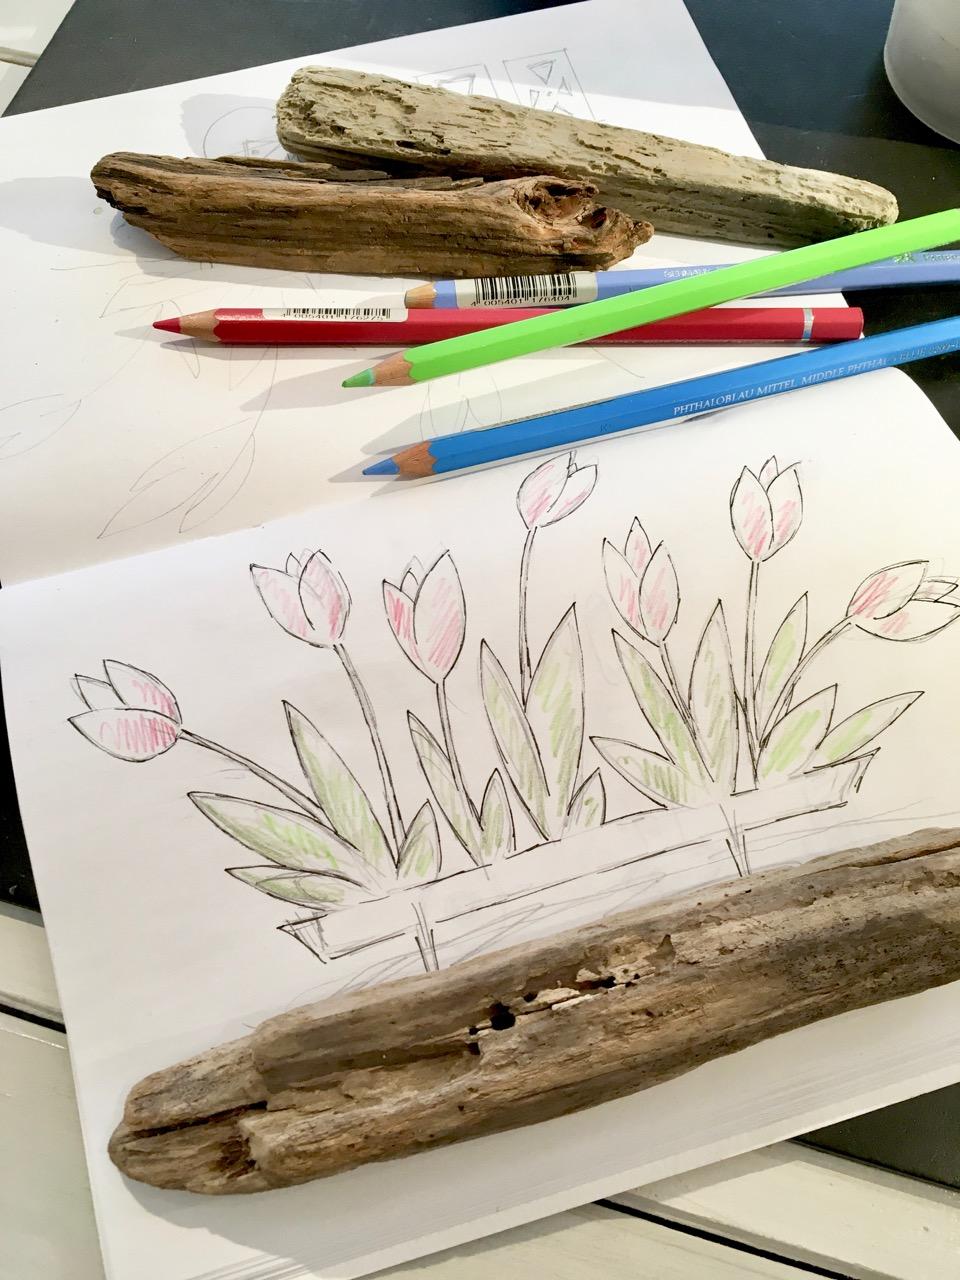 Entwurfs-Skizze und Vorzeichnung